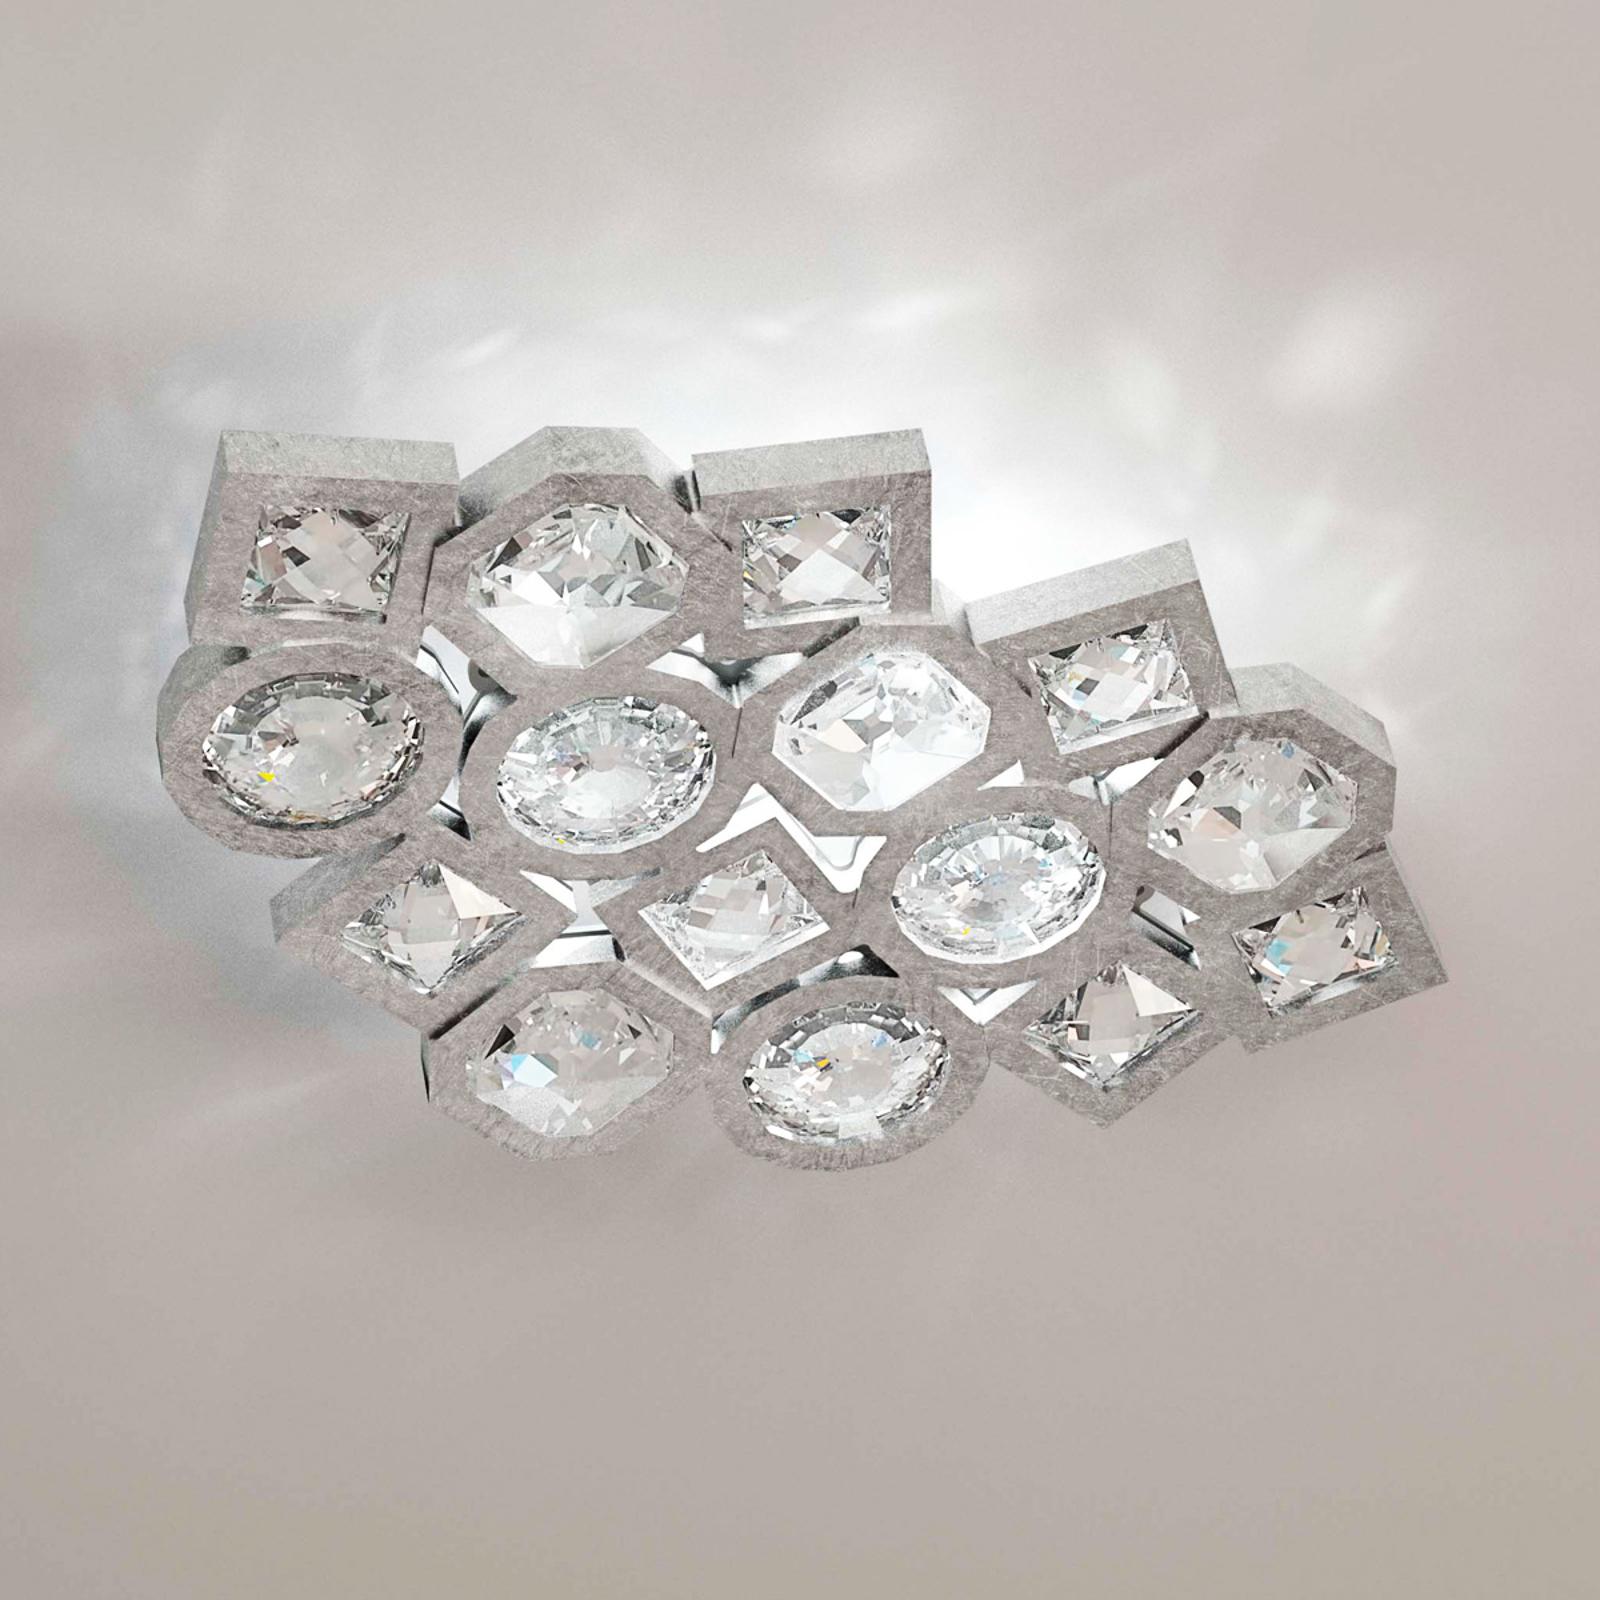 Stardust mosaikk-LED-vegglampe i sølv